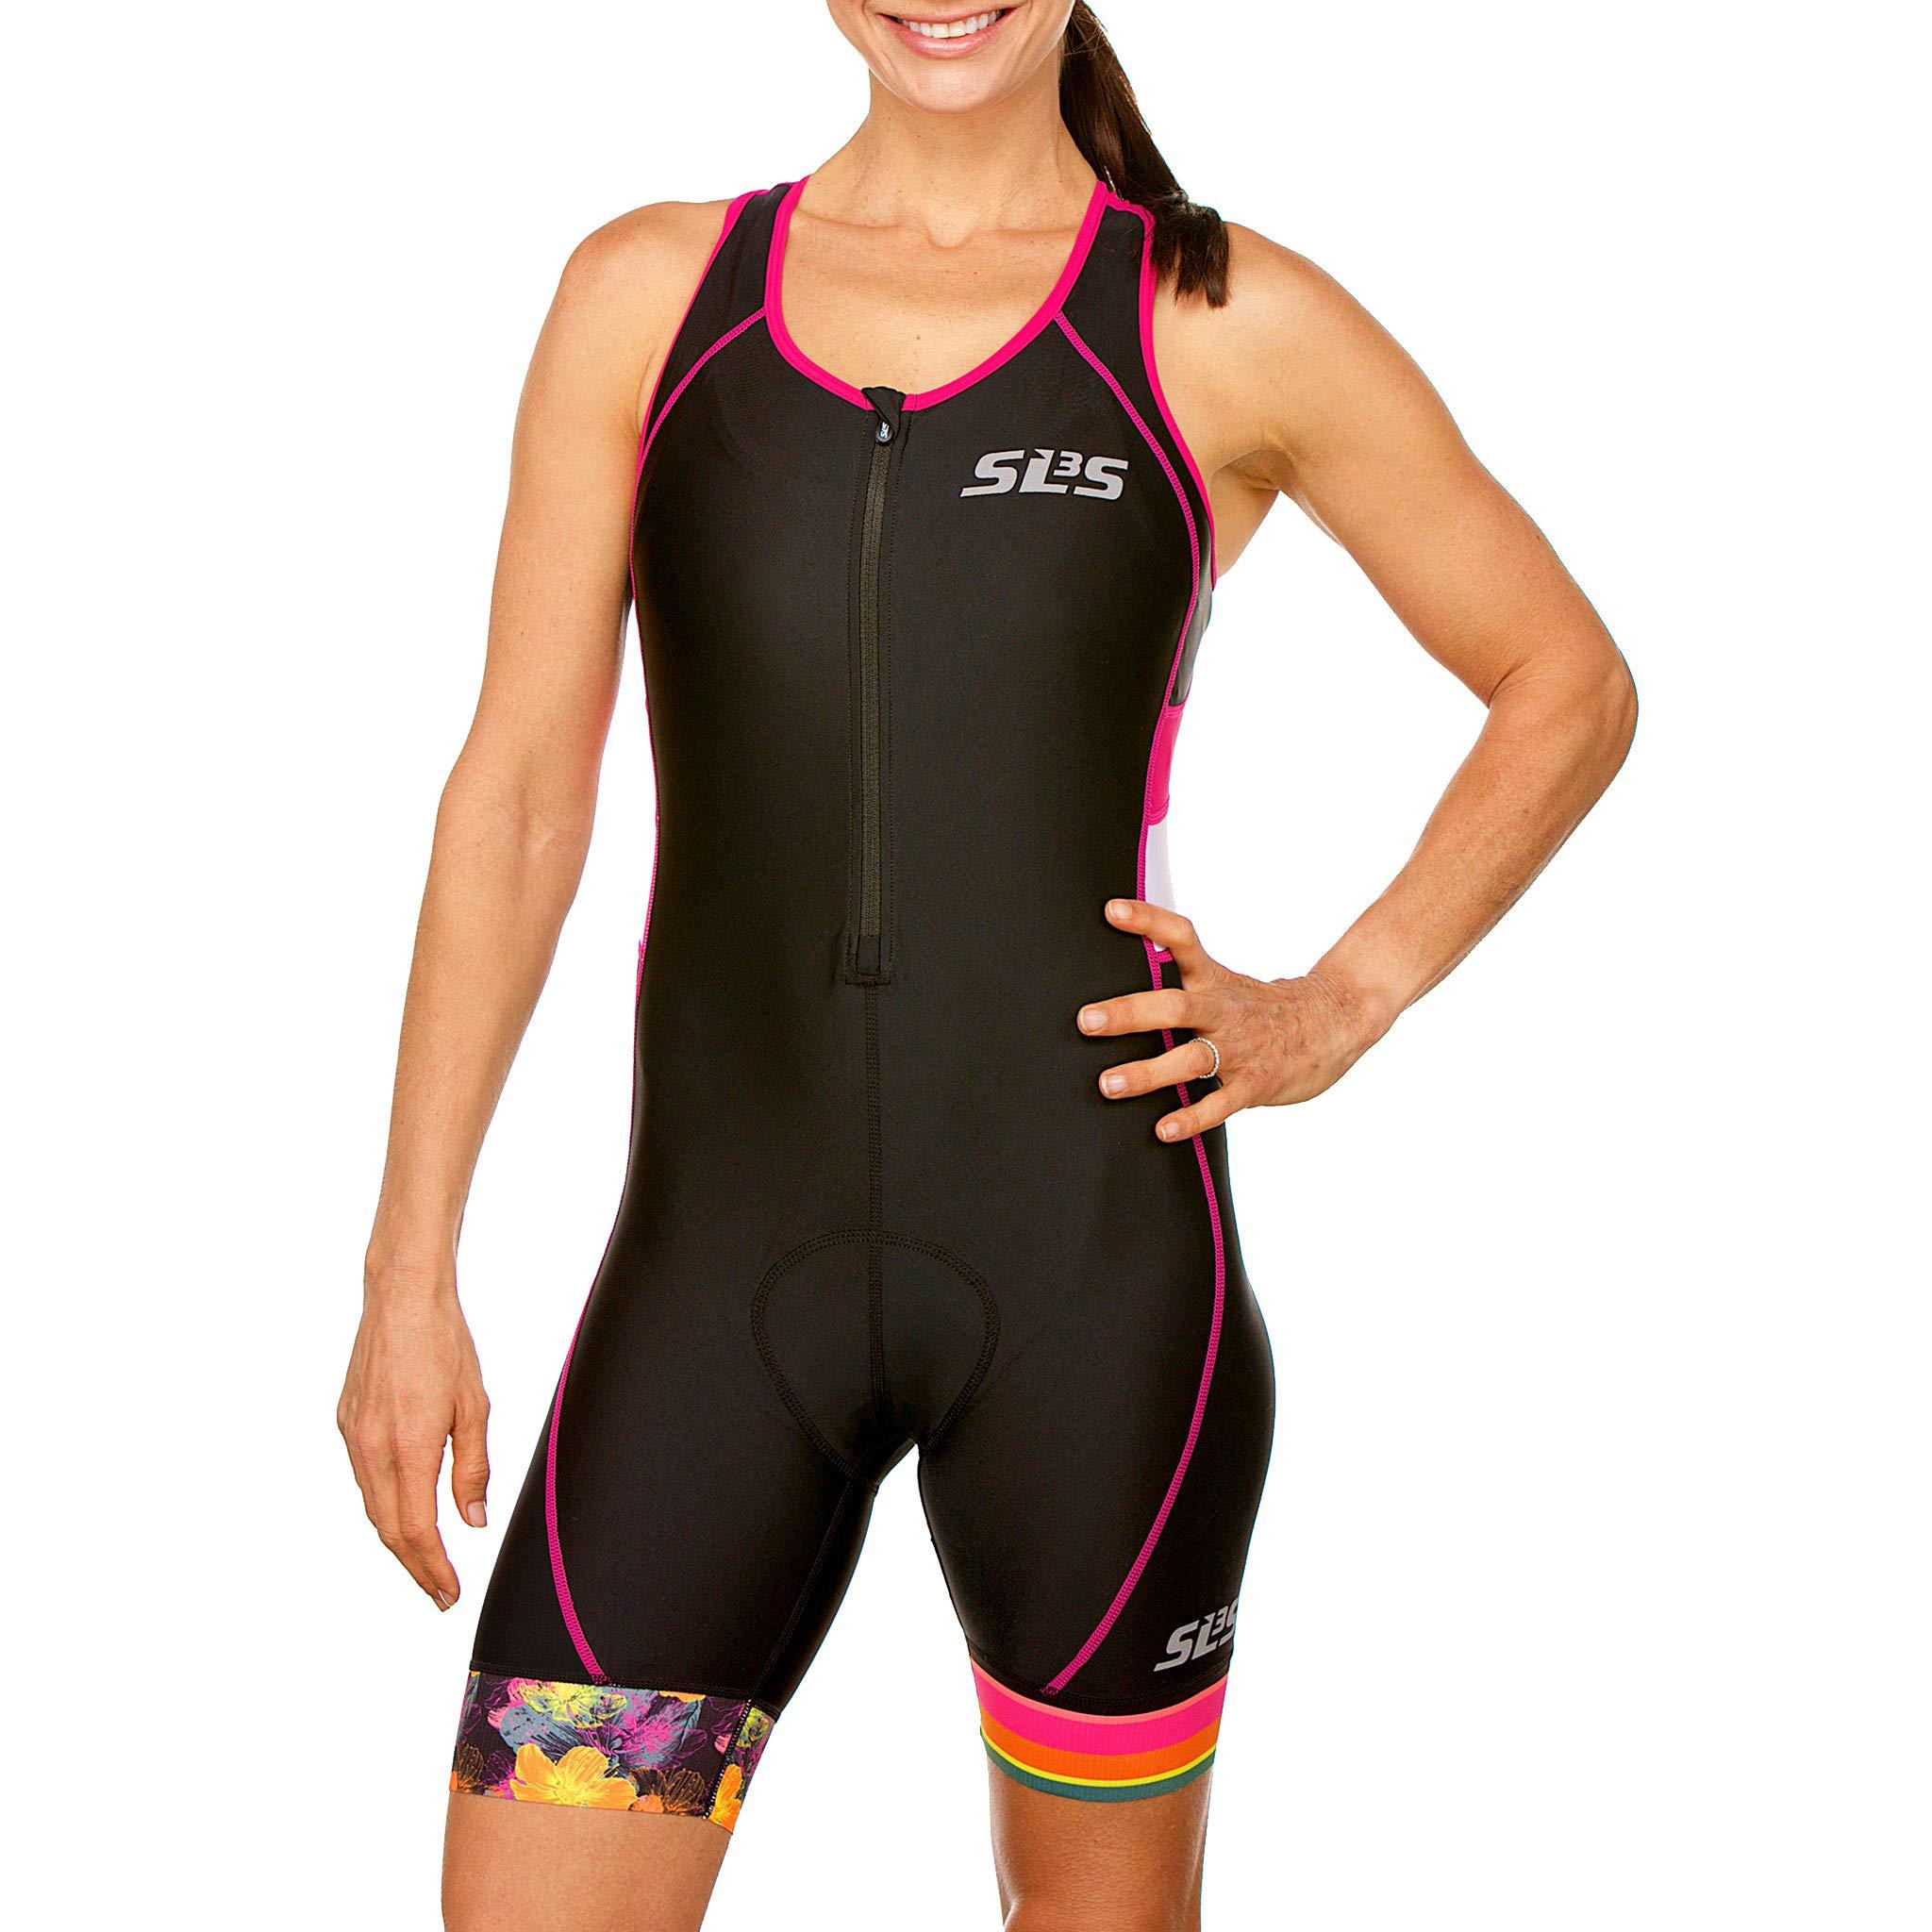 SLS3 Women`s Triathlon Suit FX   Womens Trisuits   1 Pocket Triathlon Gear Suits Women   Anti-Friction Seams Womens Tri Suit   German Designed (Black/Bright Rose, M) by SLS3